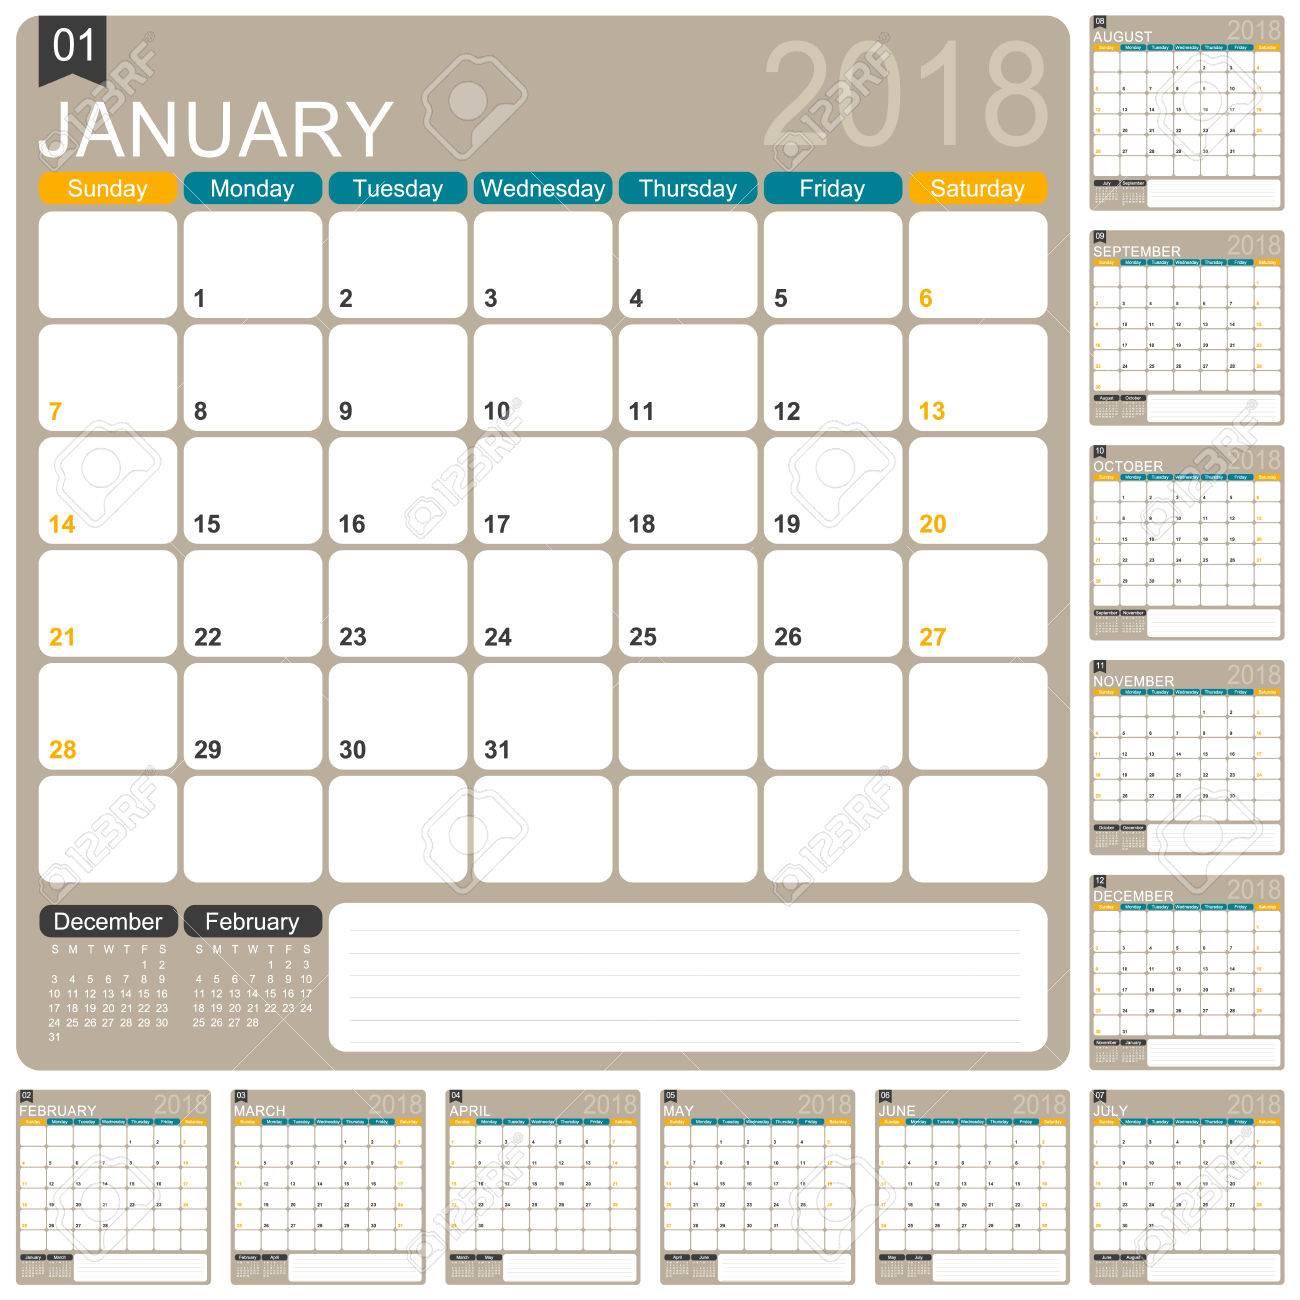 Englisch Kalendervorlage Für Das Jahr 2018 Festgelegt Von 12 Monaten ...